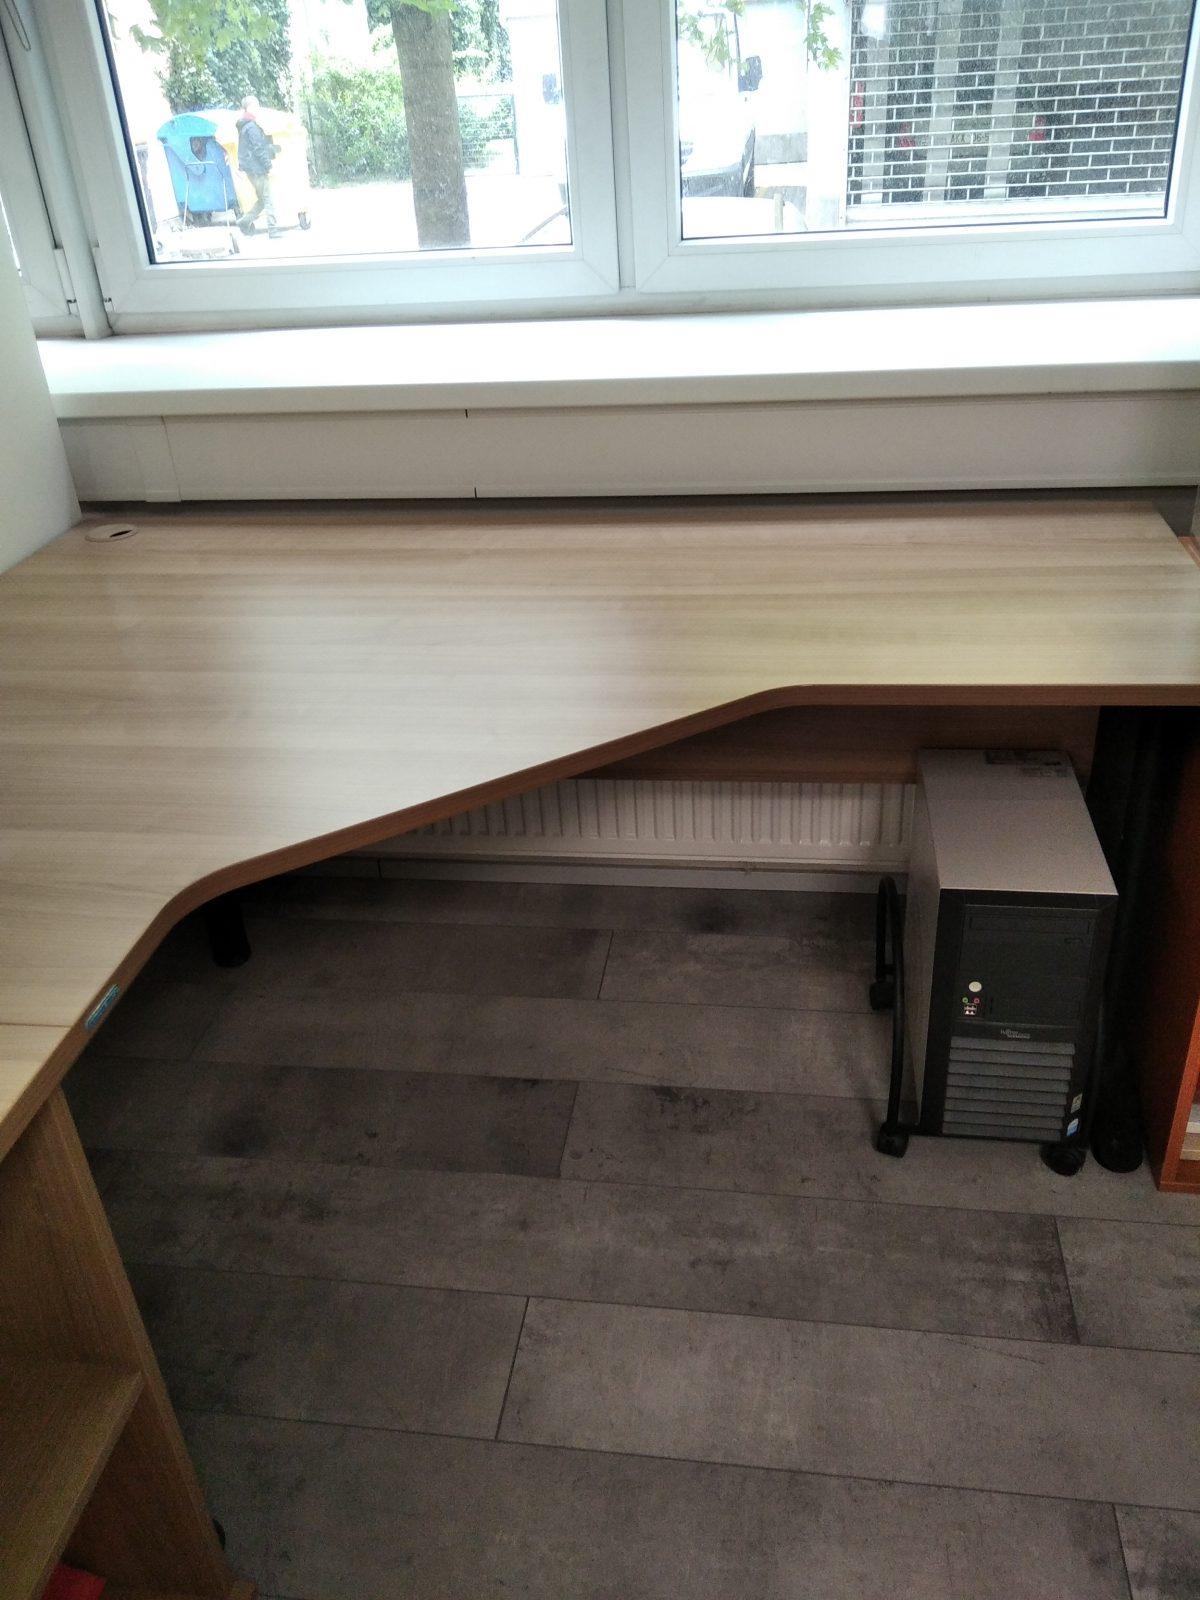 IMG 20210521 141225 scaled - Delso - dětský, kancelářský a bytový nábytek